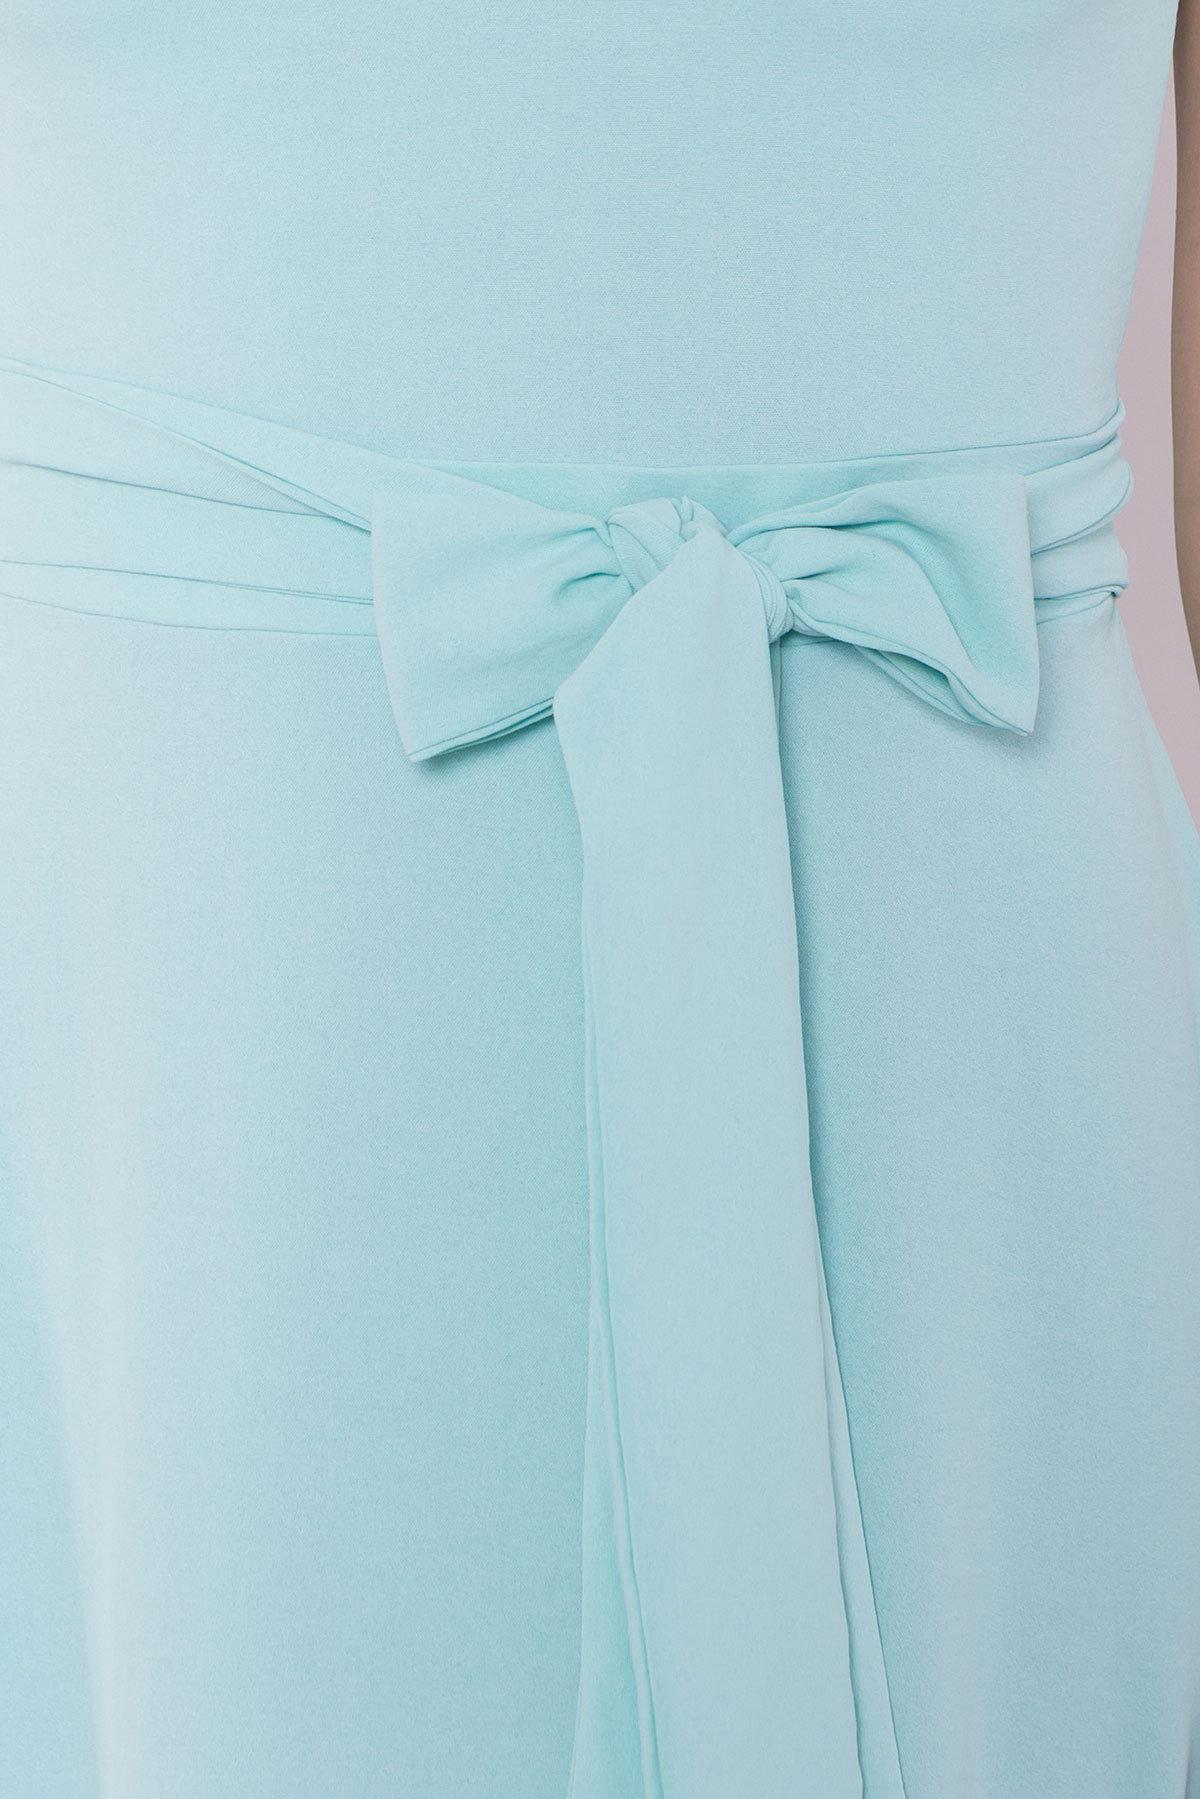 Платье Жане 7181 АРТ. 42599 Цвет: Мята - фото 6, интернет магазин tm-modus.ru